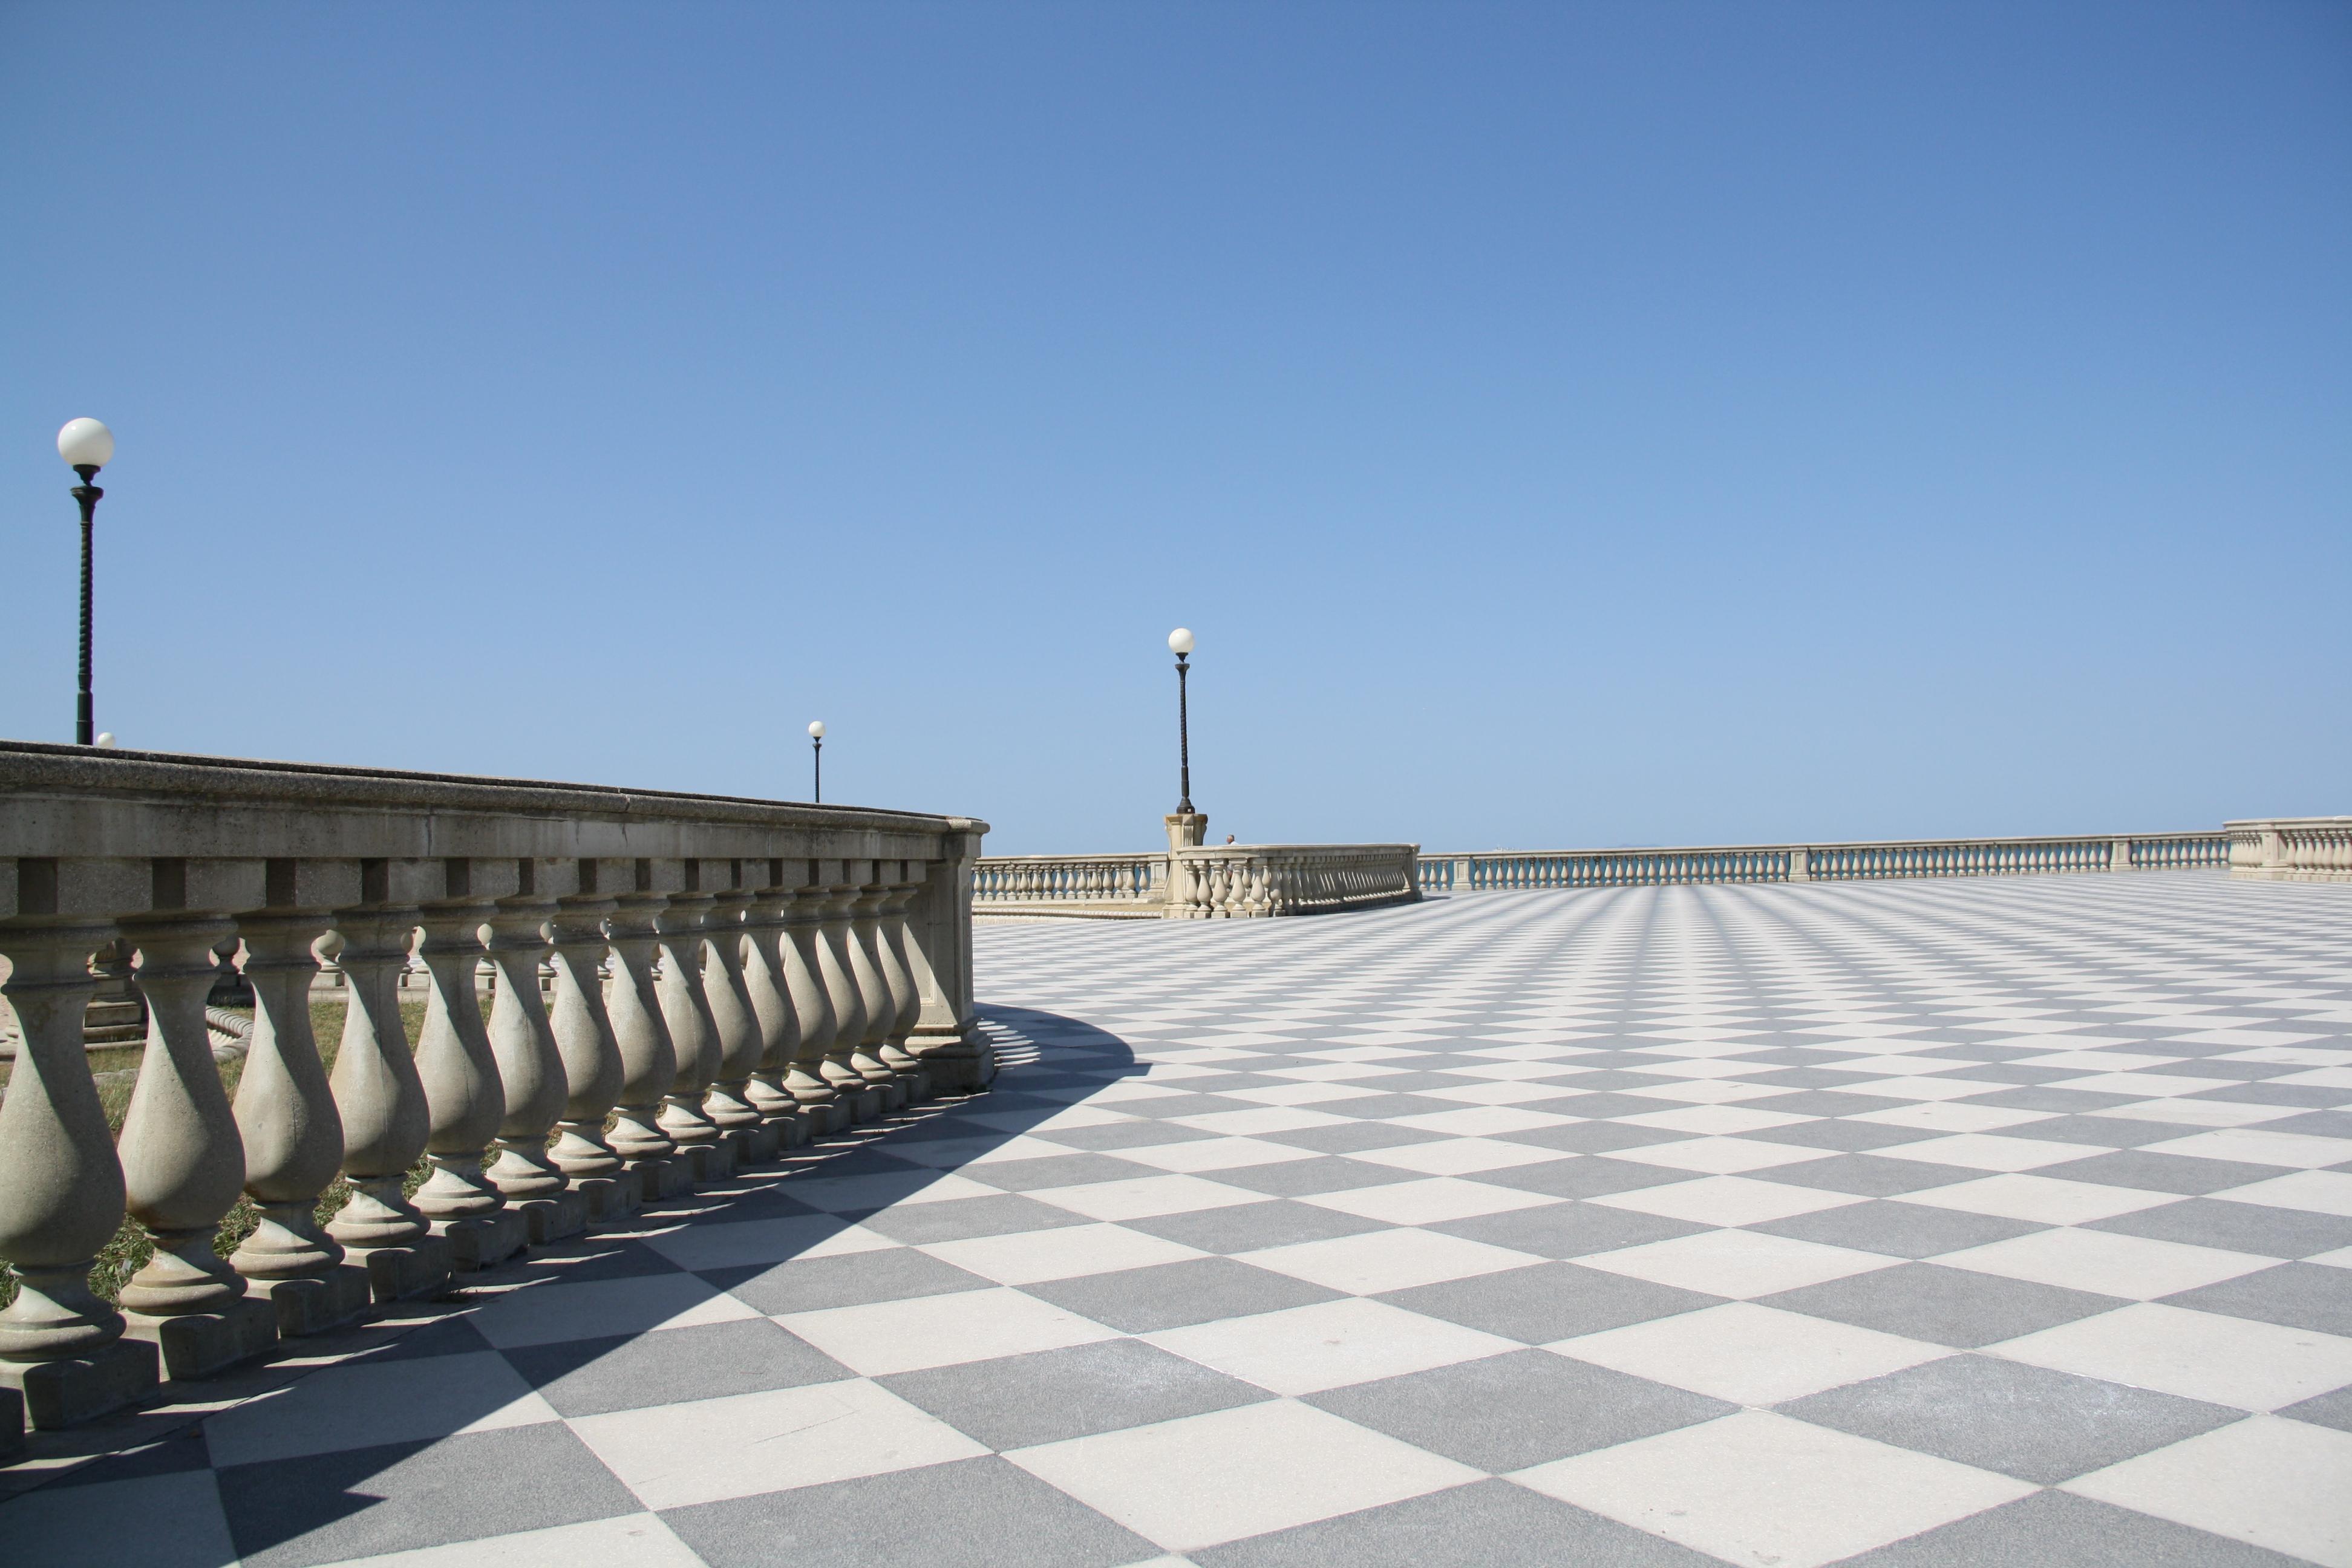 File:Livorno Terrazza Mascagni 12 @chesi.JPG - Wikimedia Commons